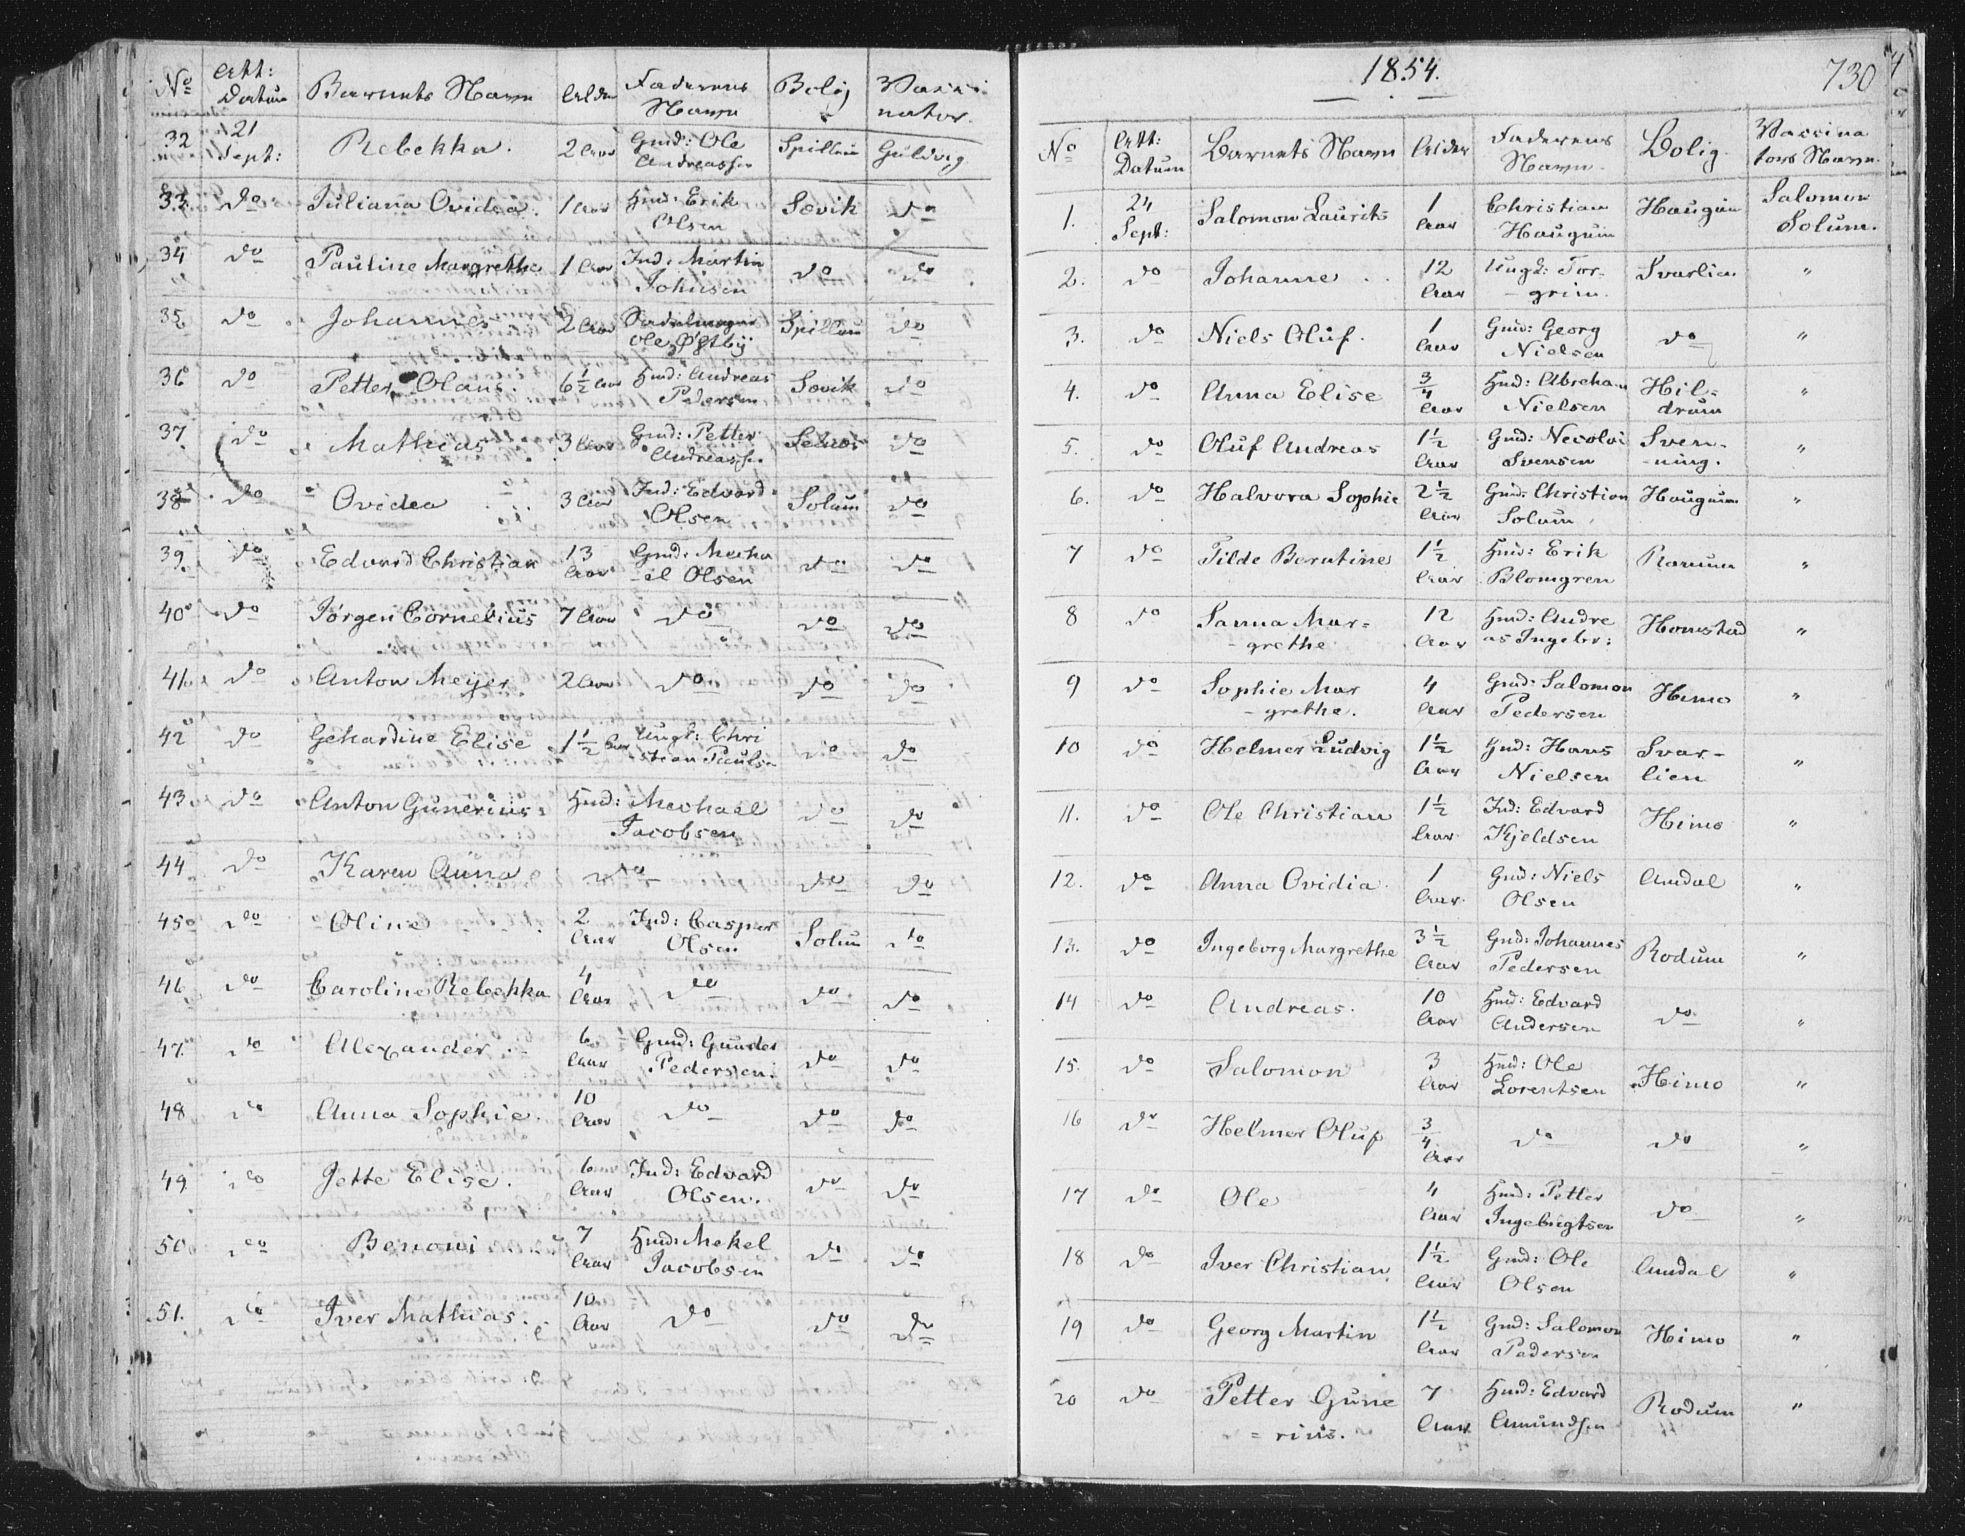 SAT, Ministerialprotokoller, klokkerbøker og fødselsregistre - Nord-Trøndelag, 764/L0552: Ministerialbok nr. 764A07b, 1824-1865, s. 730